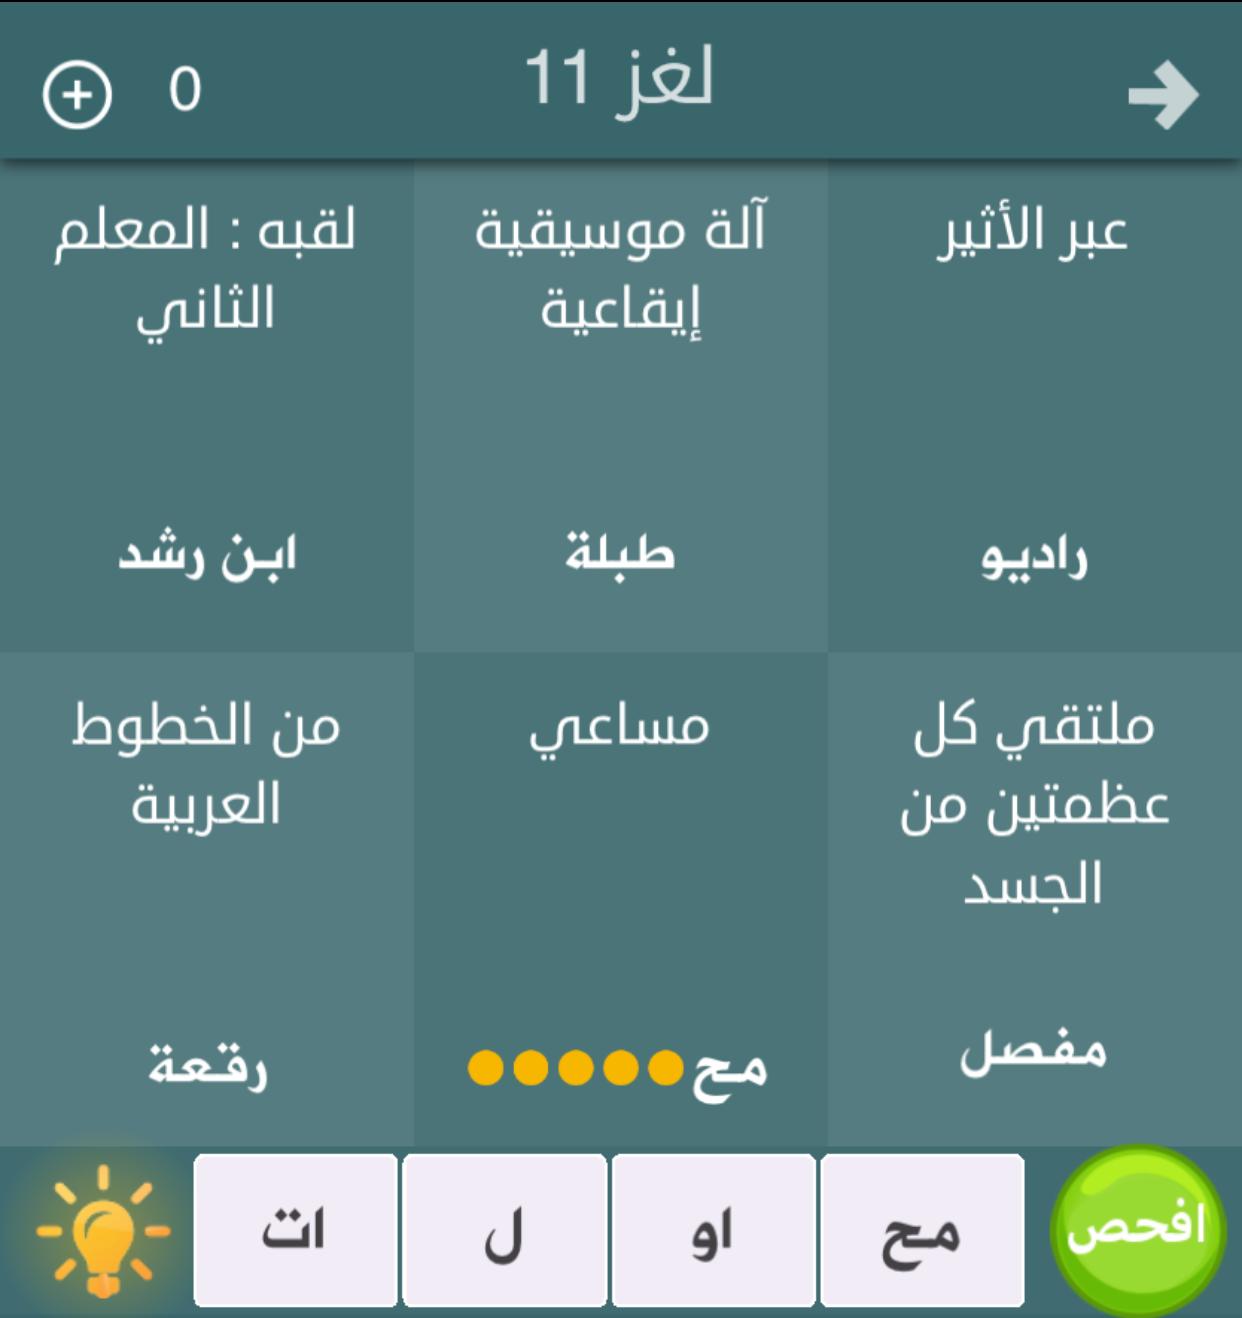 Abdo Lmk الصفحة 3 التصحيح والتجديد والابتكار في الأدب